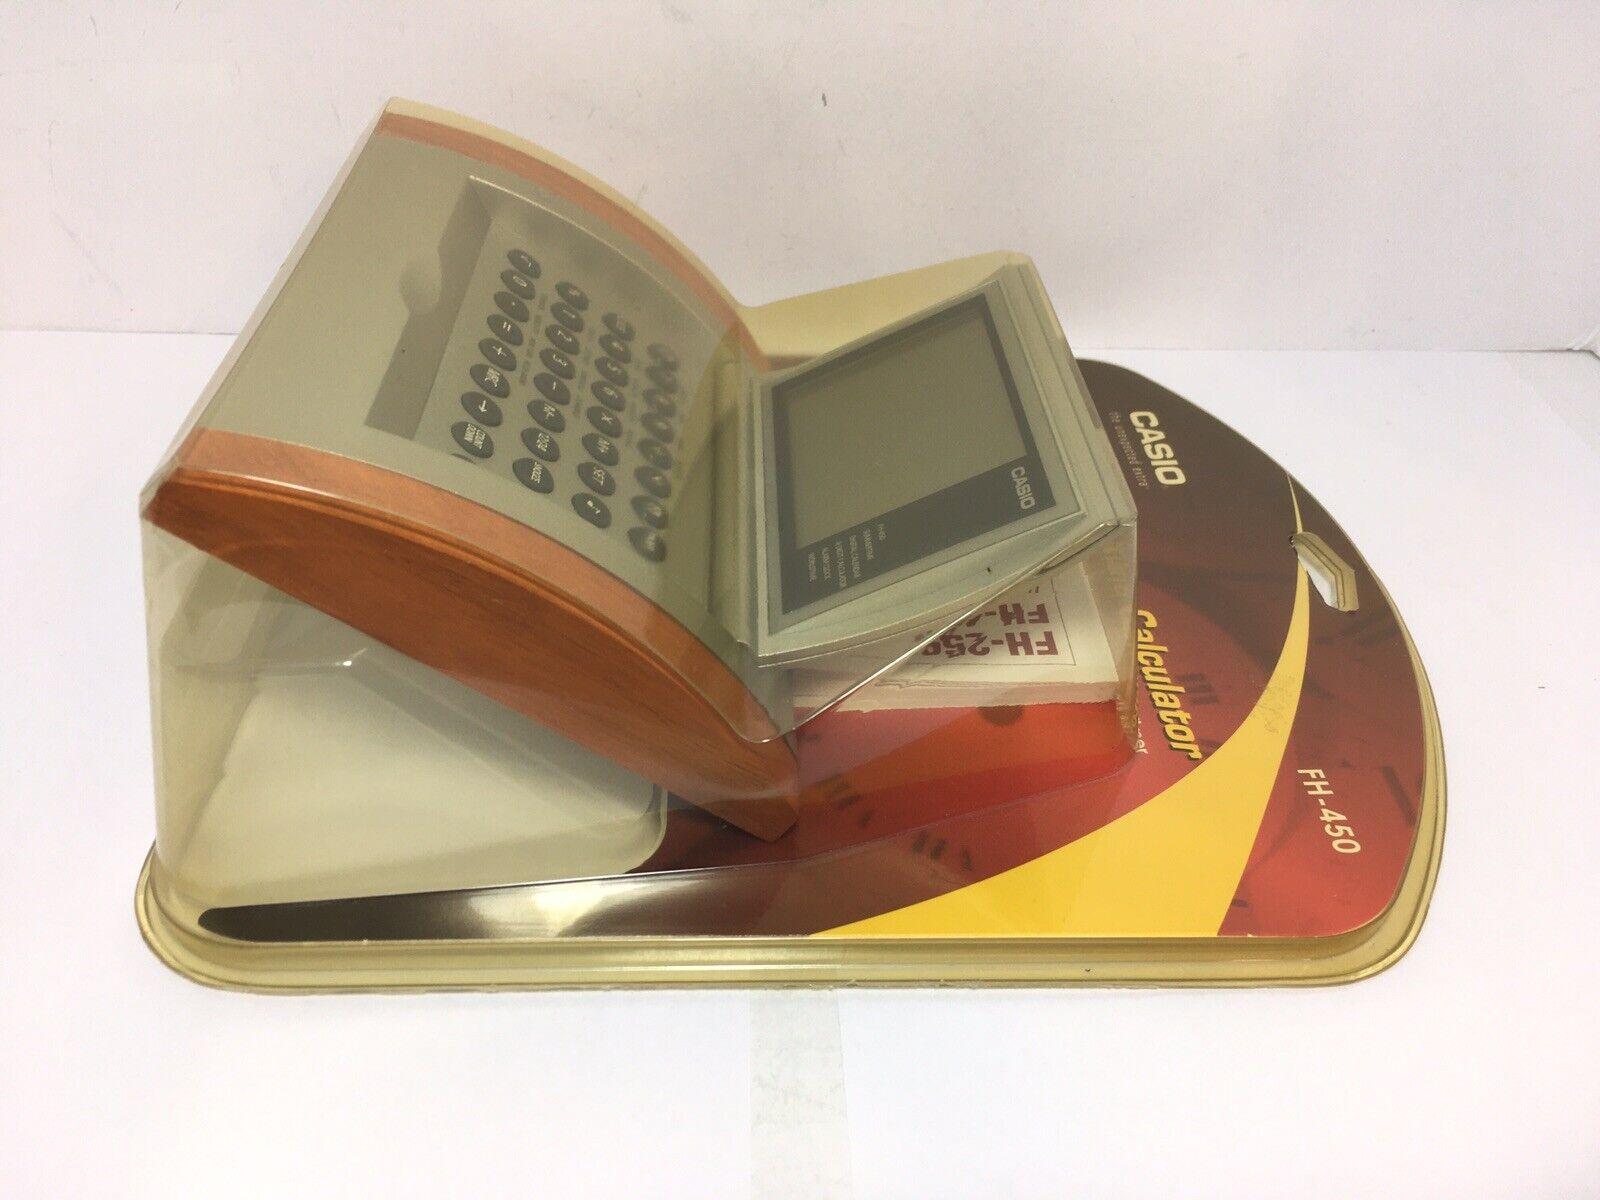 Casio FH450 Desktop World Time Calculator